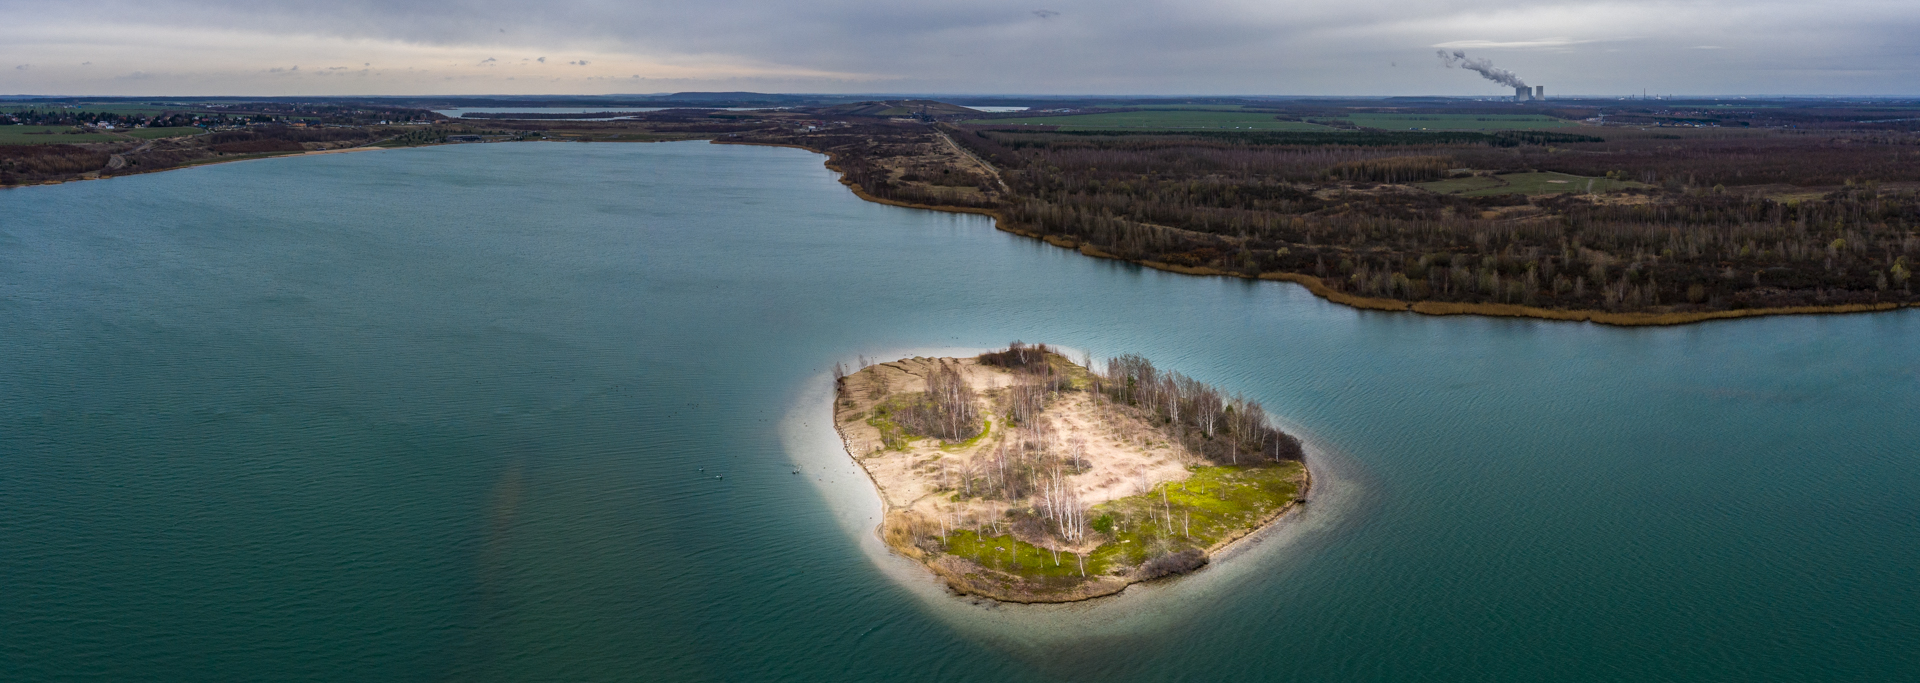 Insel in Meekkleeberger See